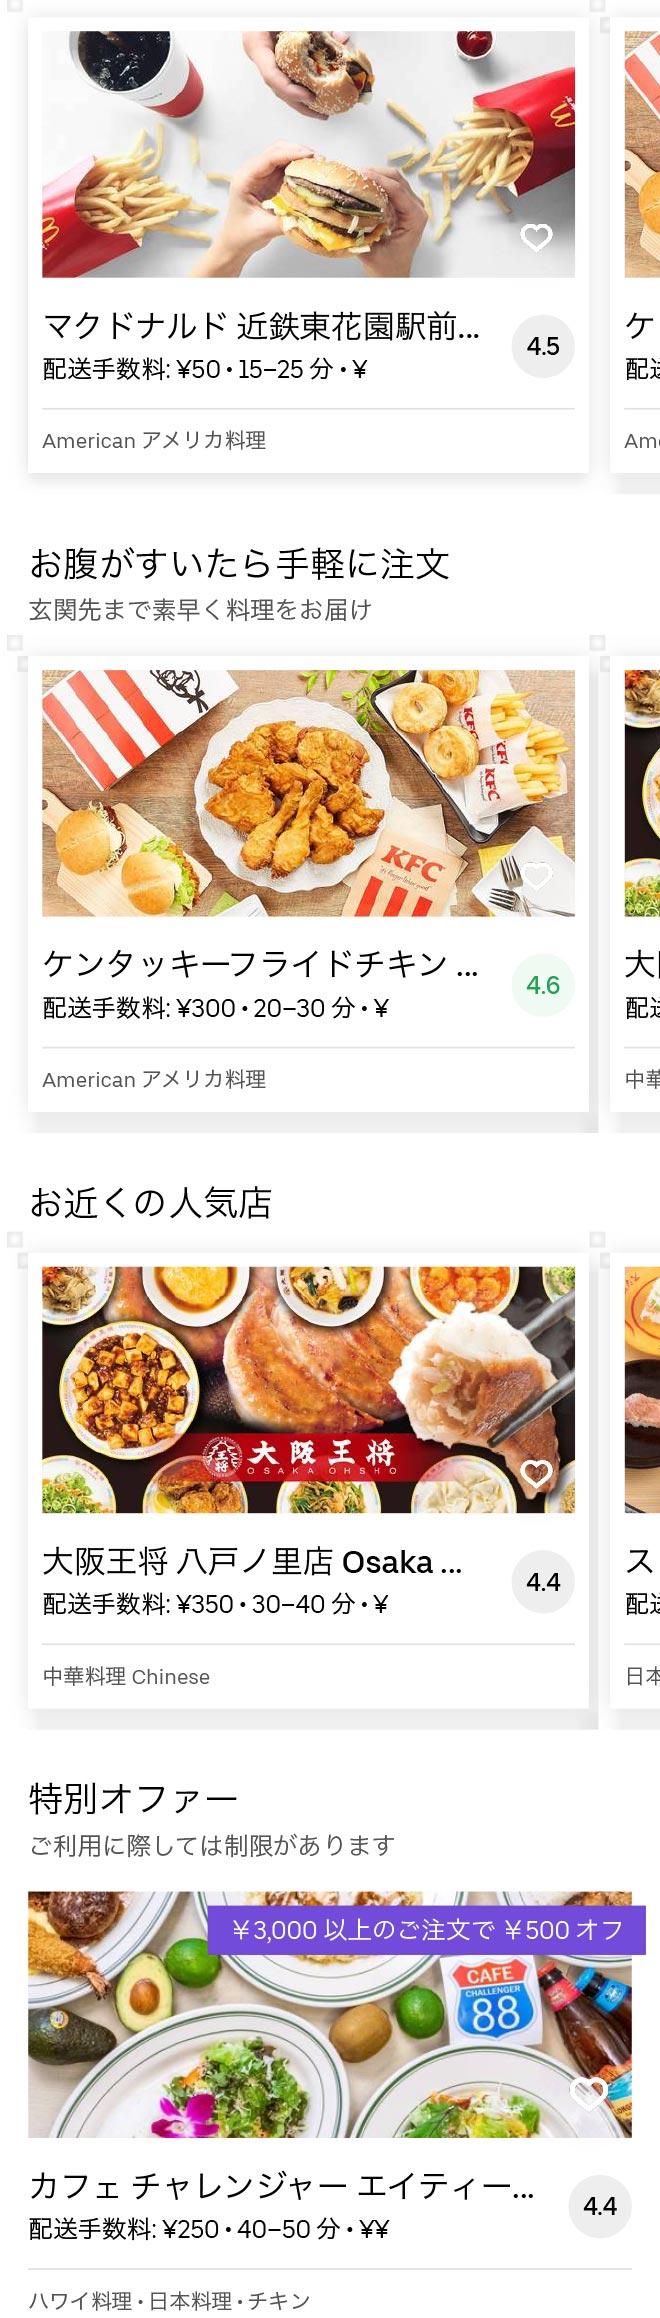 Higashi osaka higashi hanazono menu 2005 01